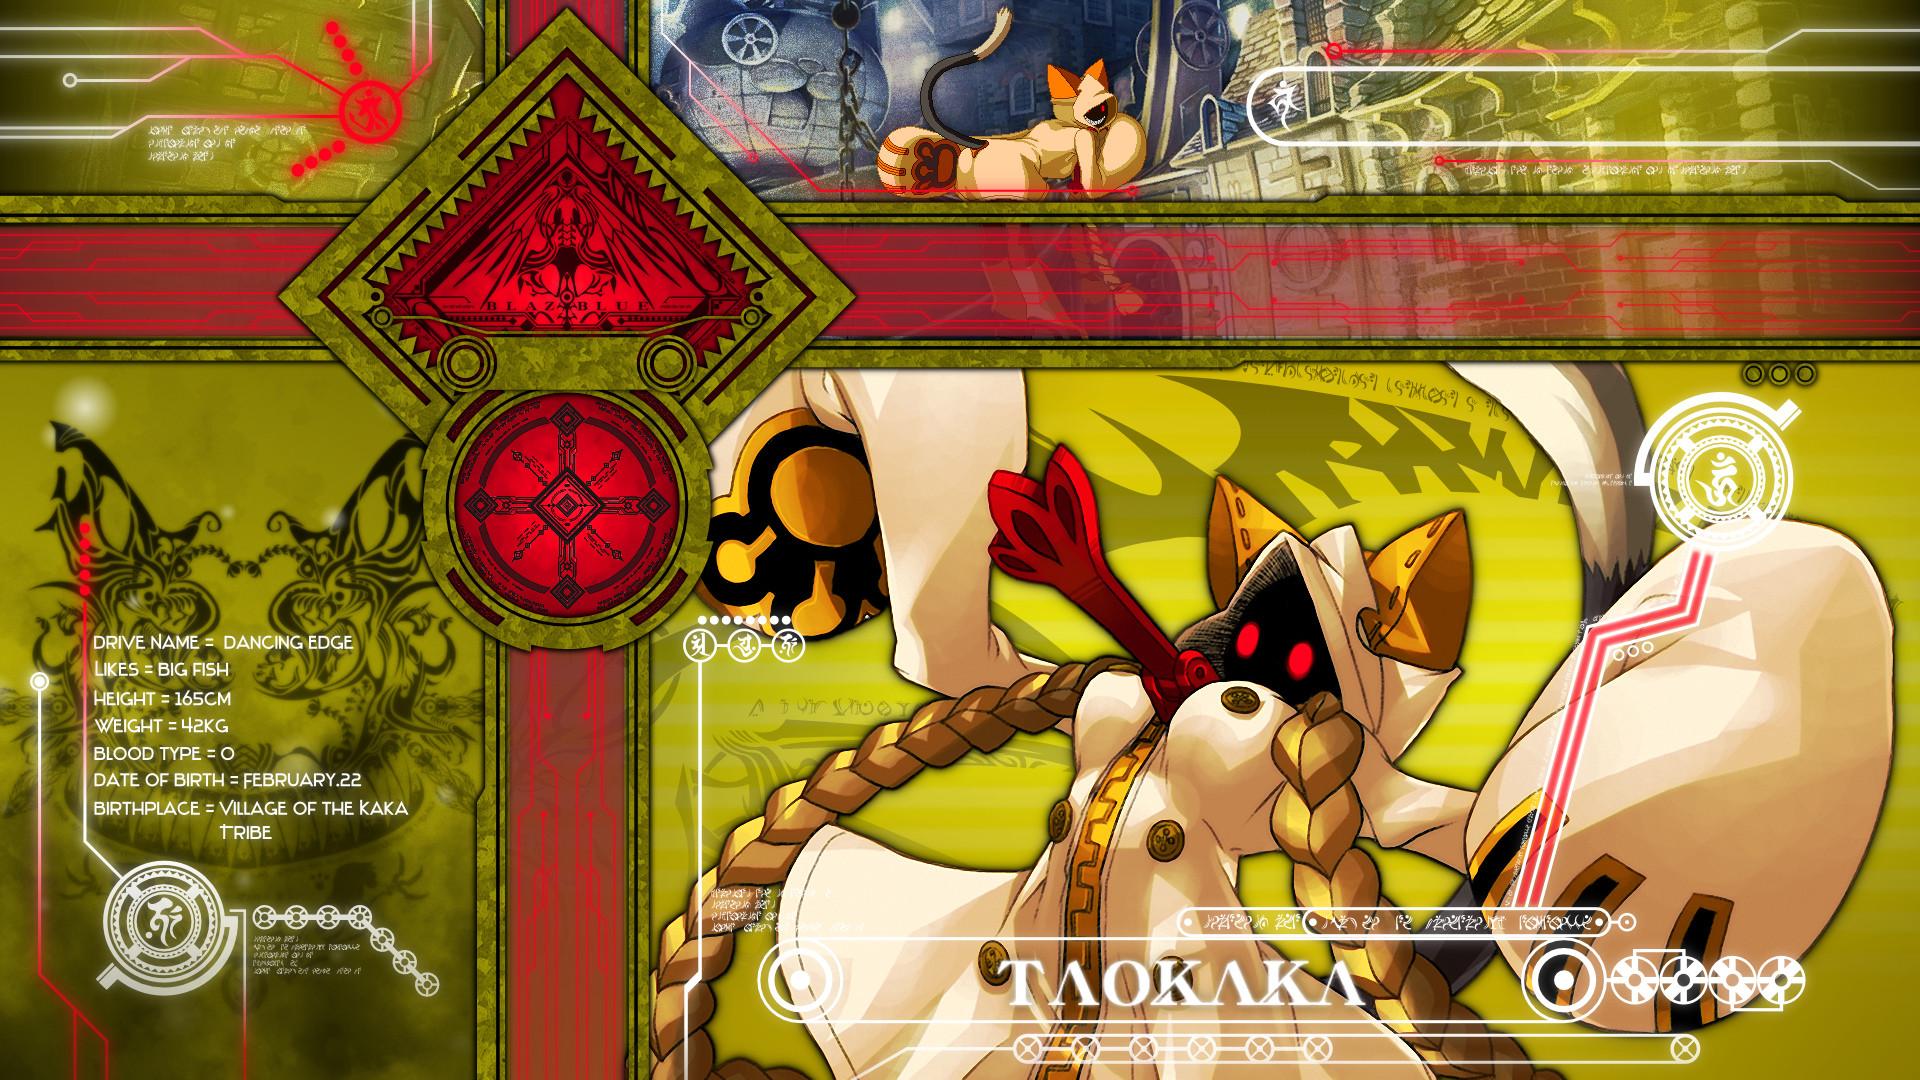 Res: 1920x1080, Taokaka · download Taokaka image